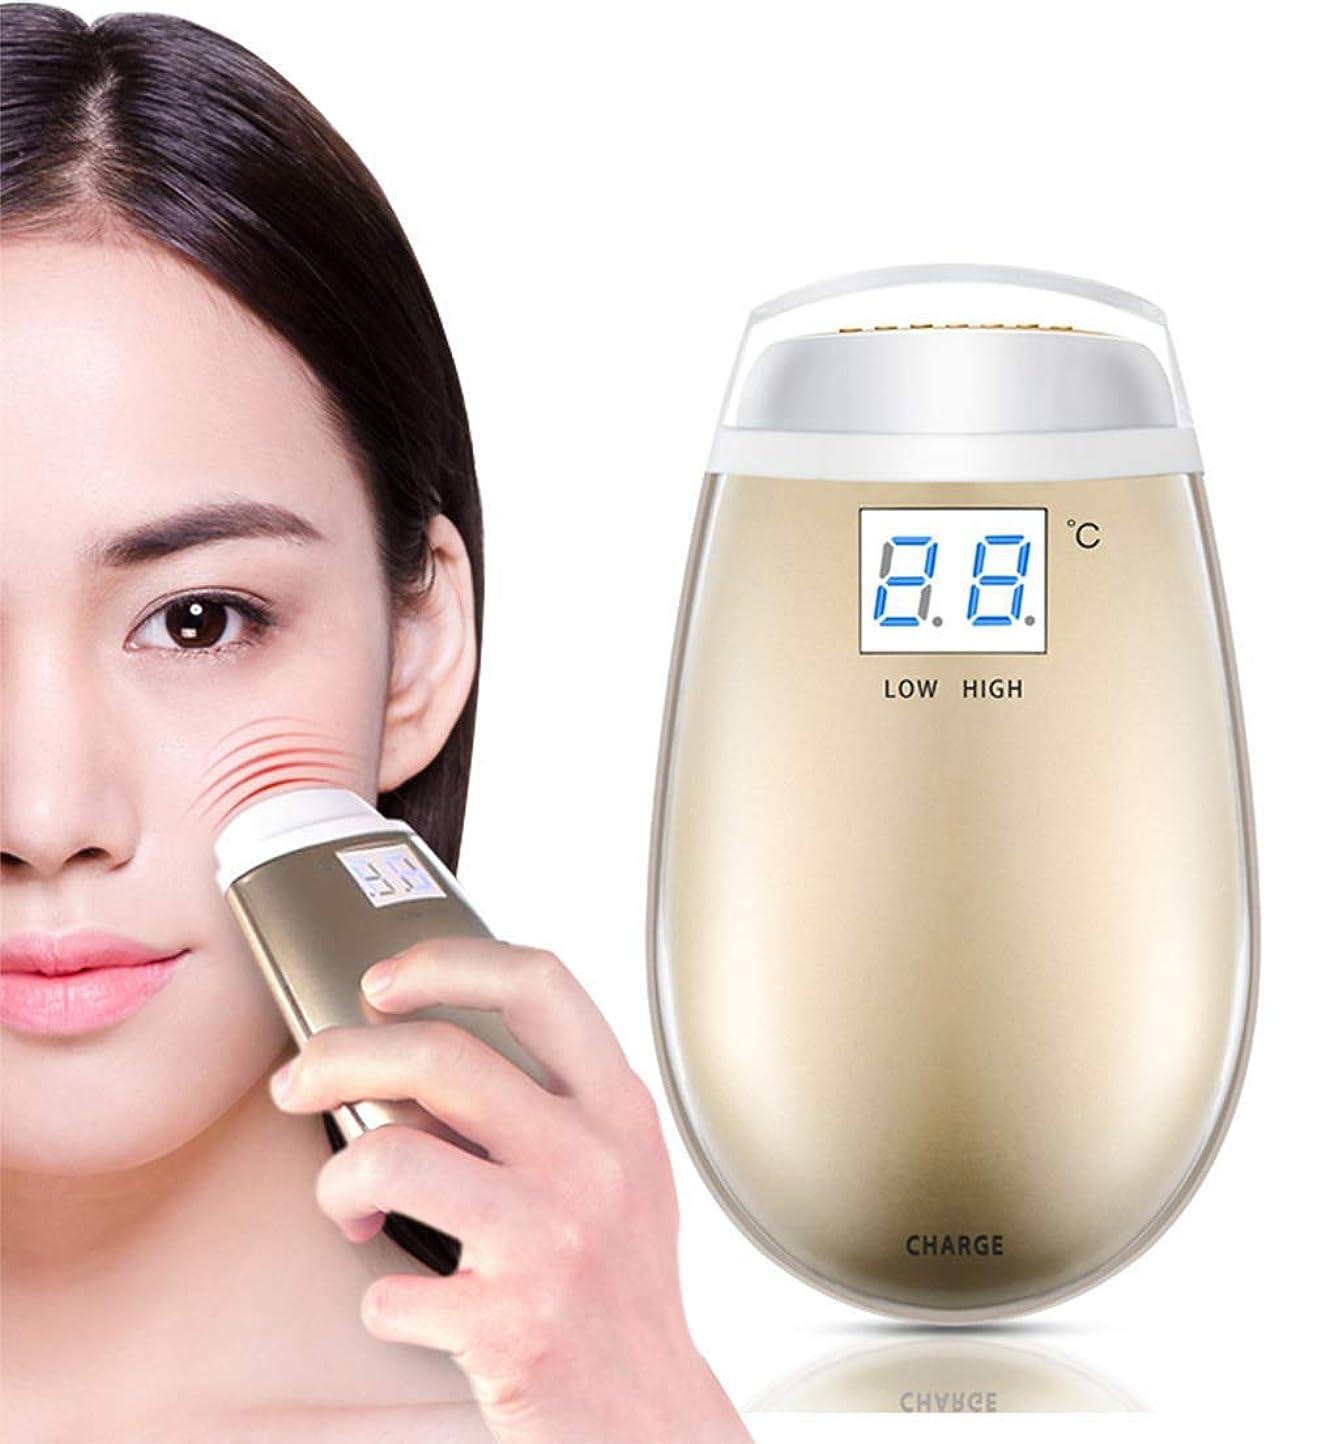 パッチ定義する未知のRF熱の美の輸入業者、イオン抽出器の顔のマッサージを白くするマッサージ